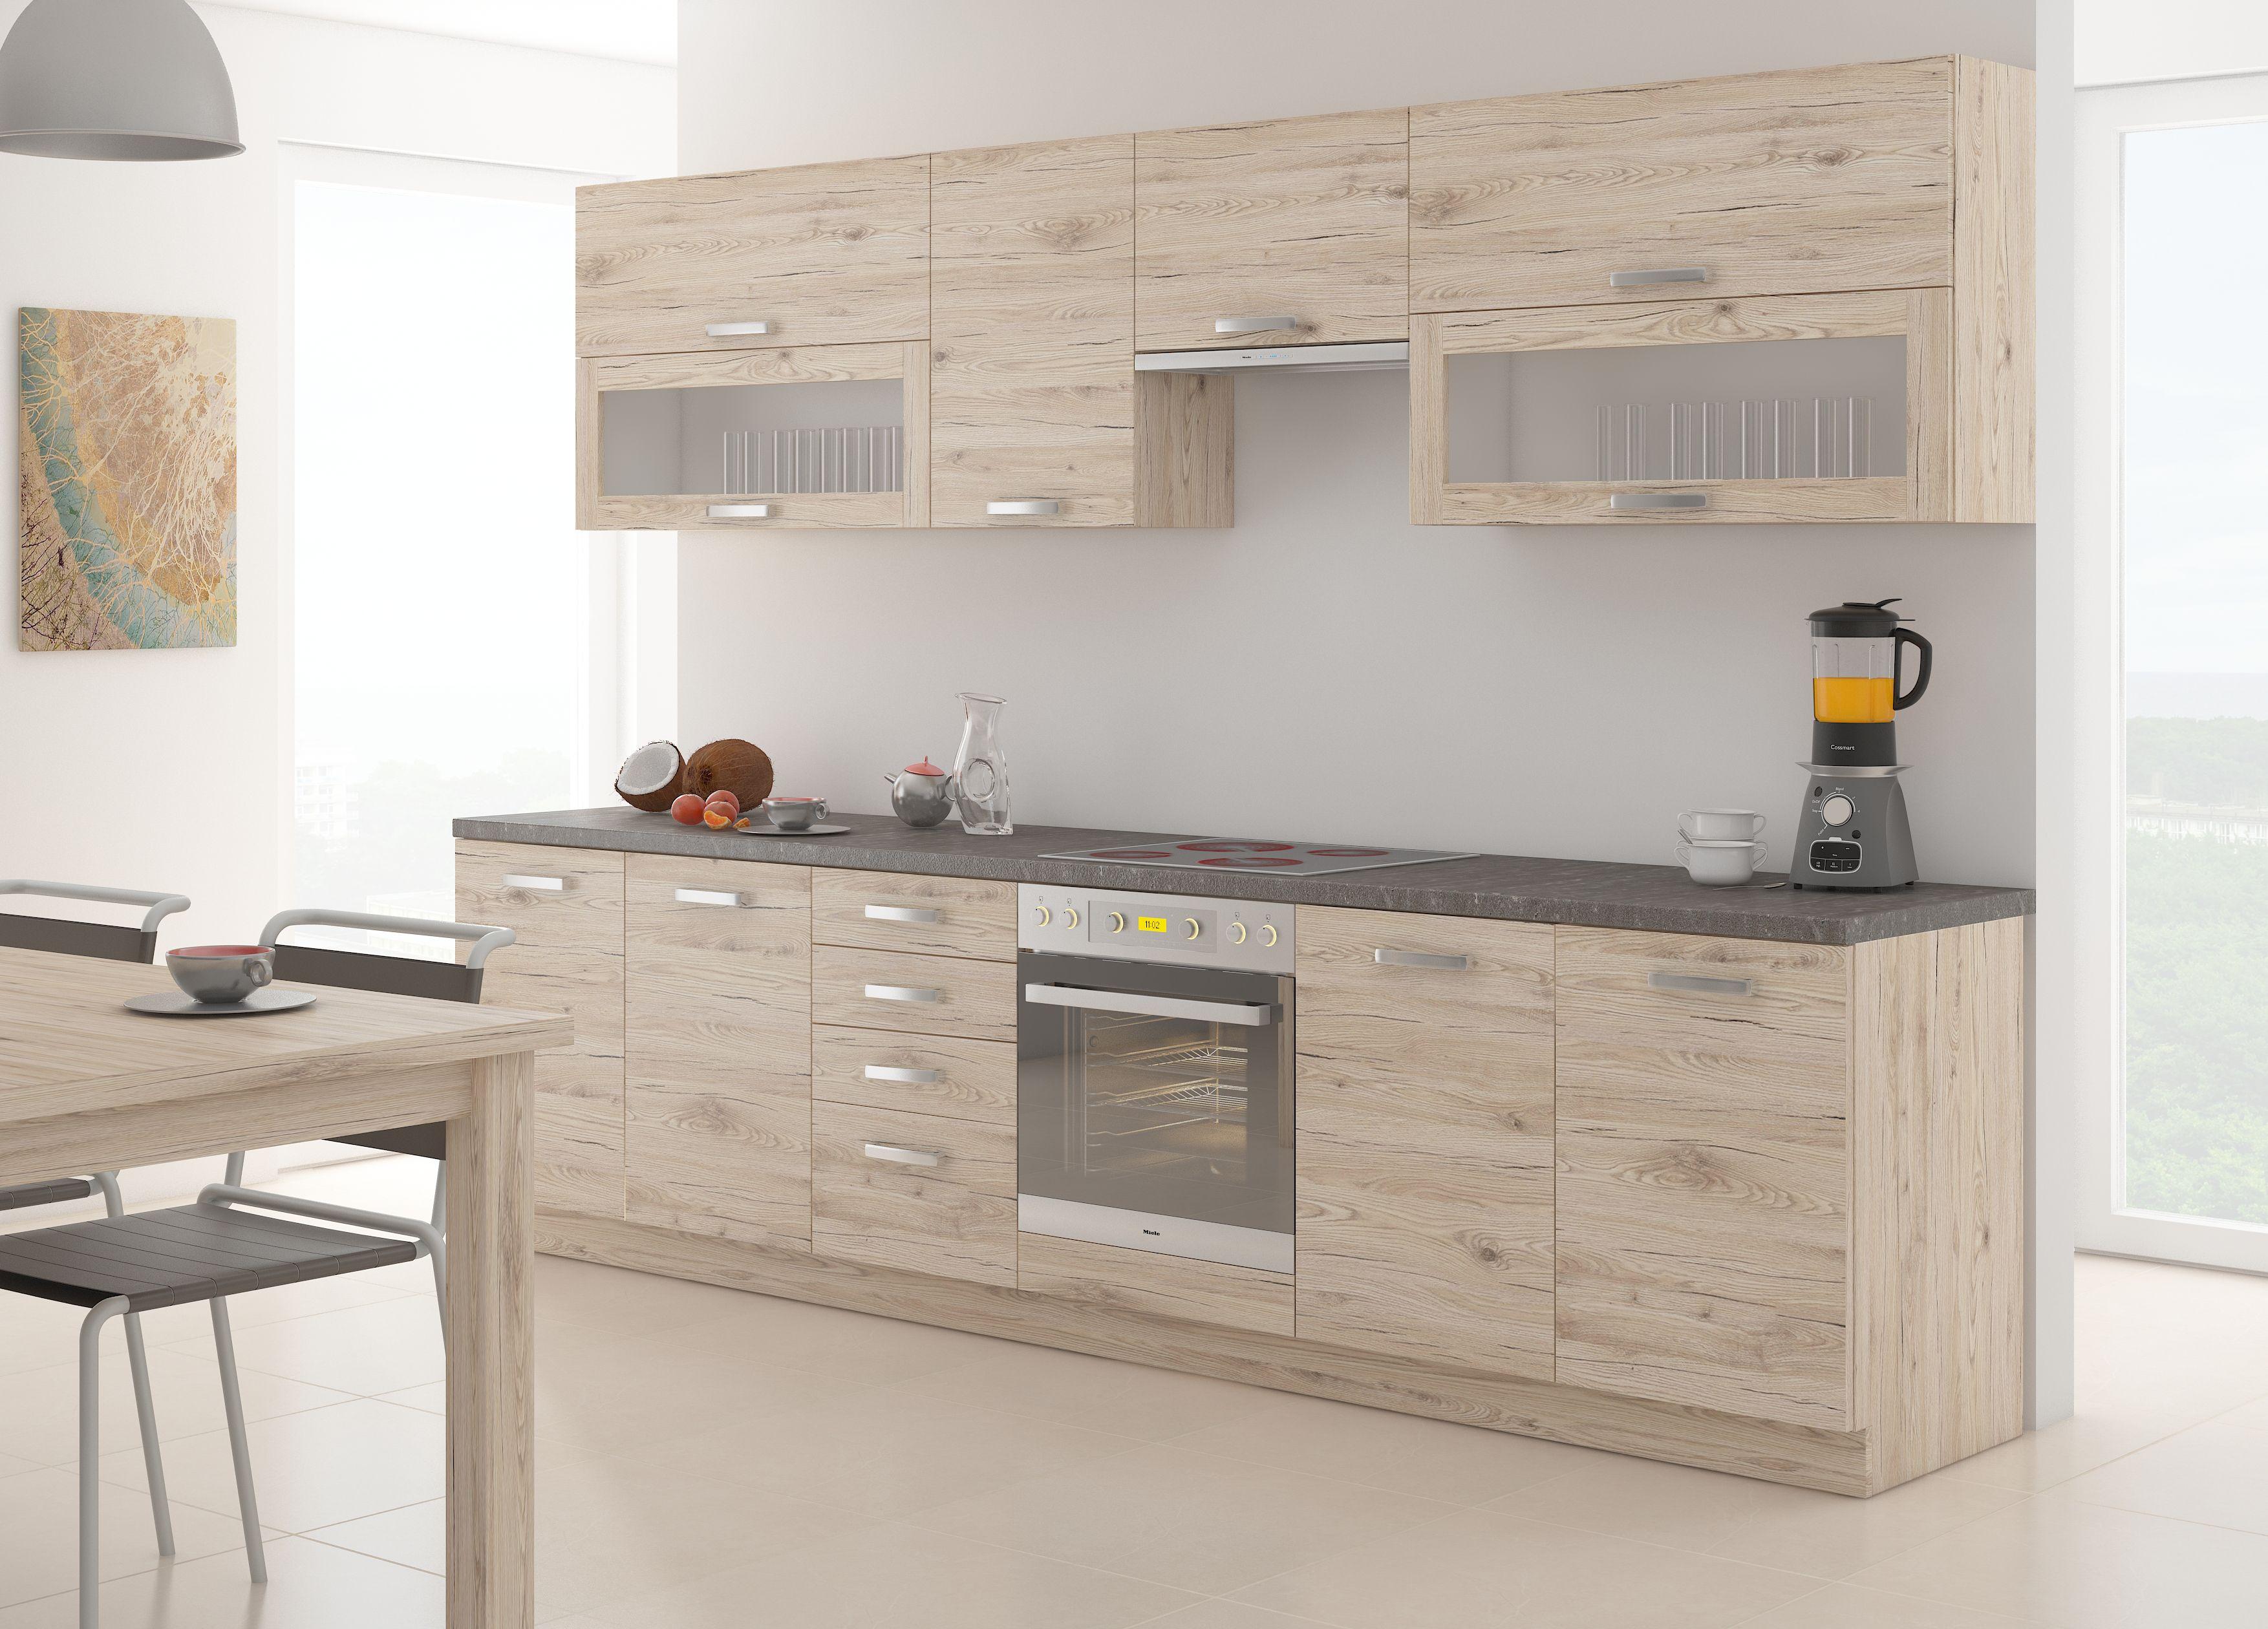 Kuchyně Cora a Mila Skandinávsk½ dub kuchyně kuchyňskálinka modernkuchyňskálinka modernkuchyně kuchyňskástudia kuchyněgorenje Gorenje mo…